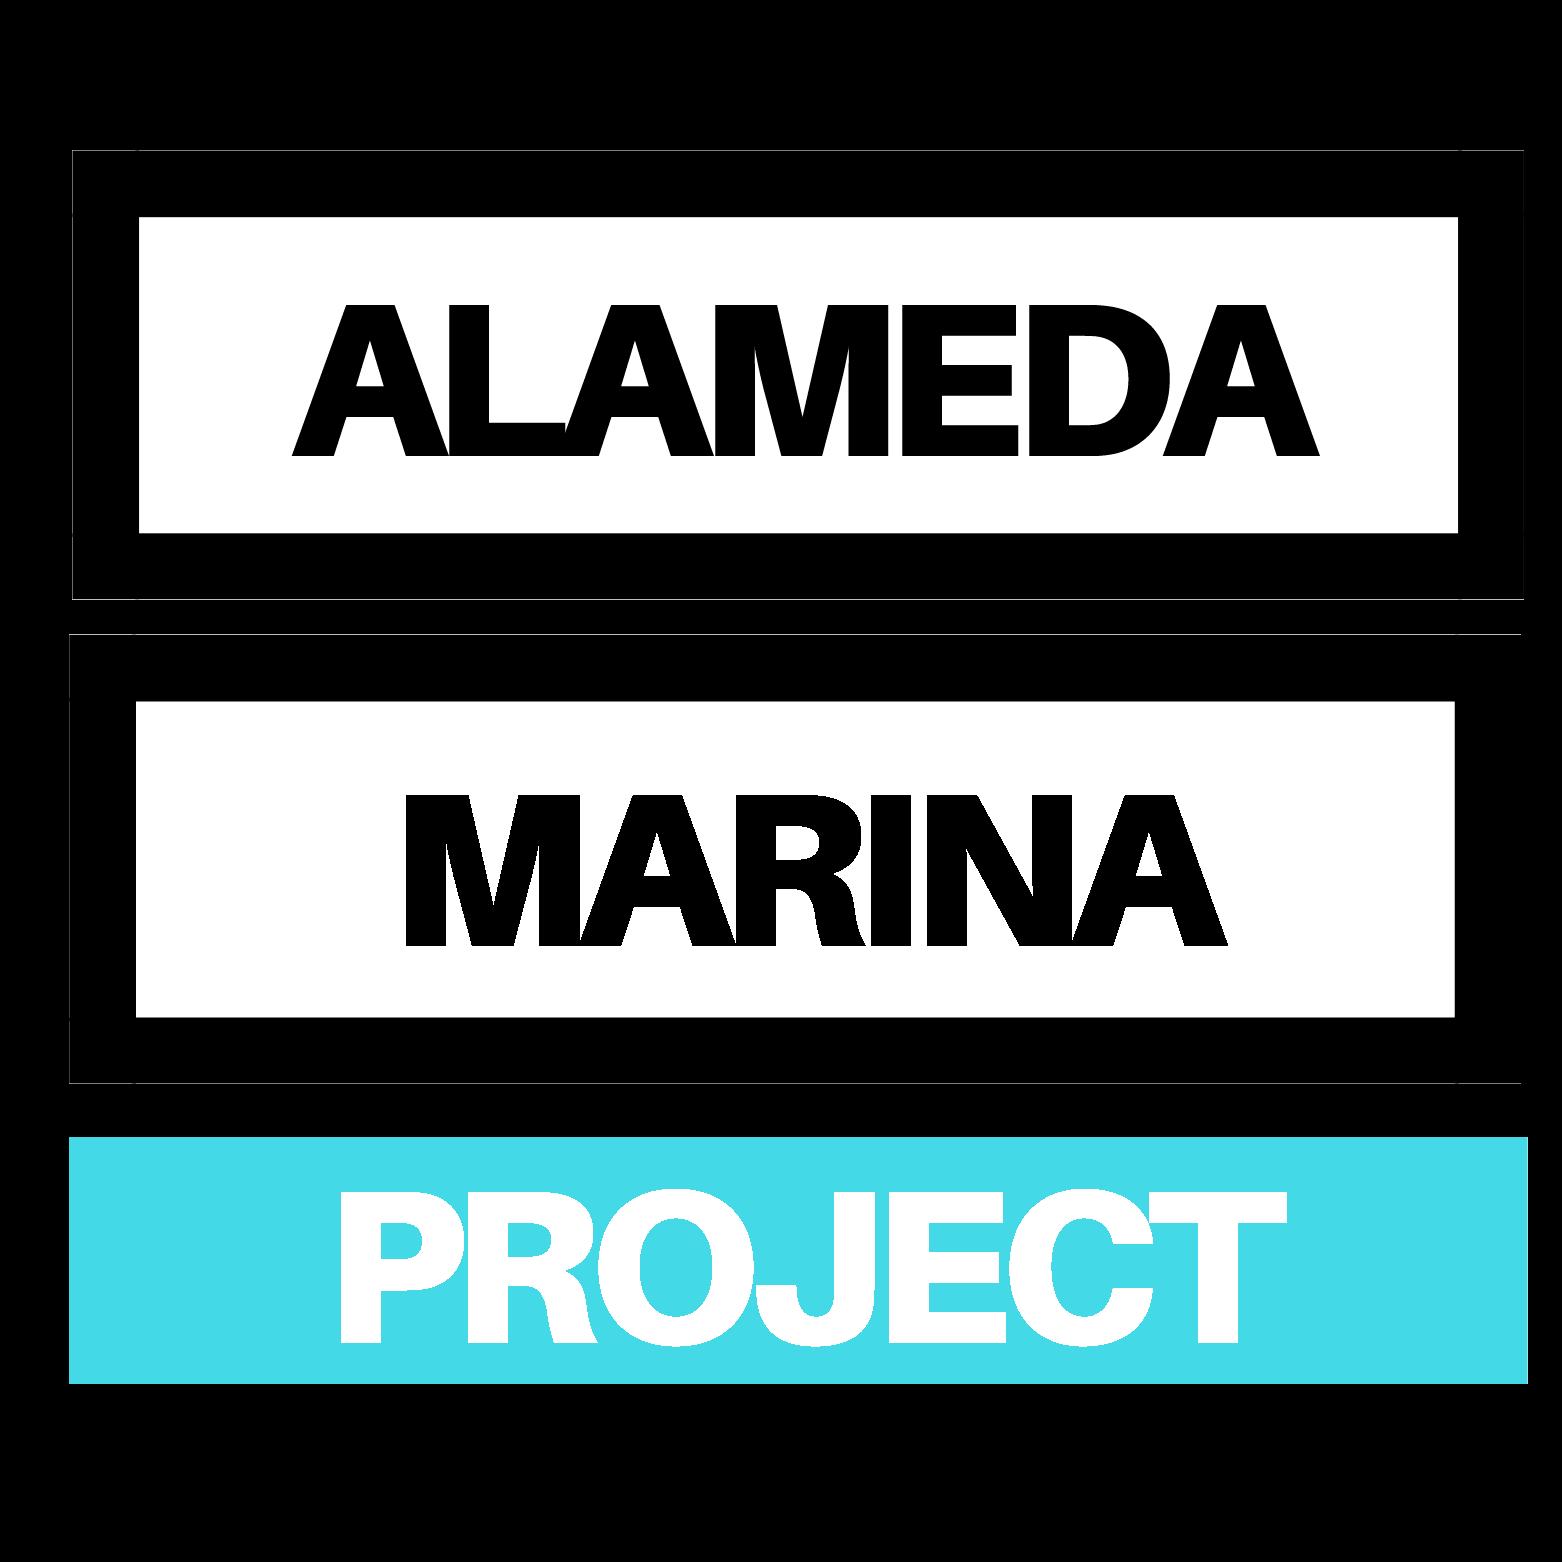 ALAMEDAMARINA.png